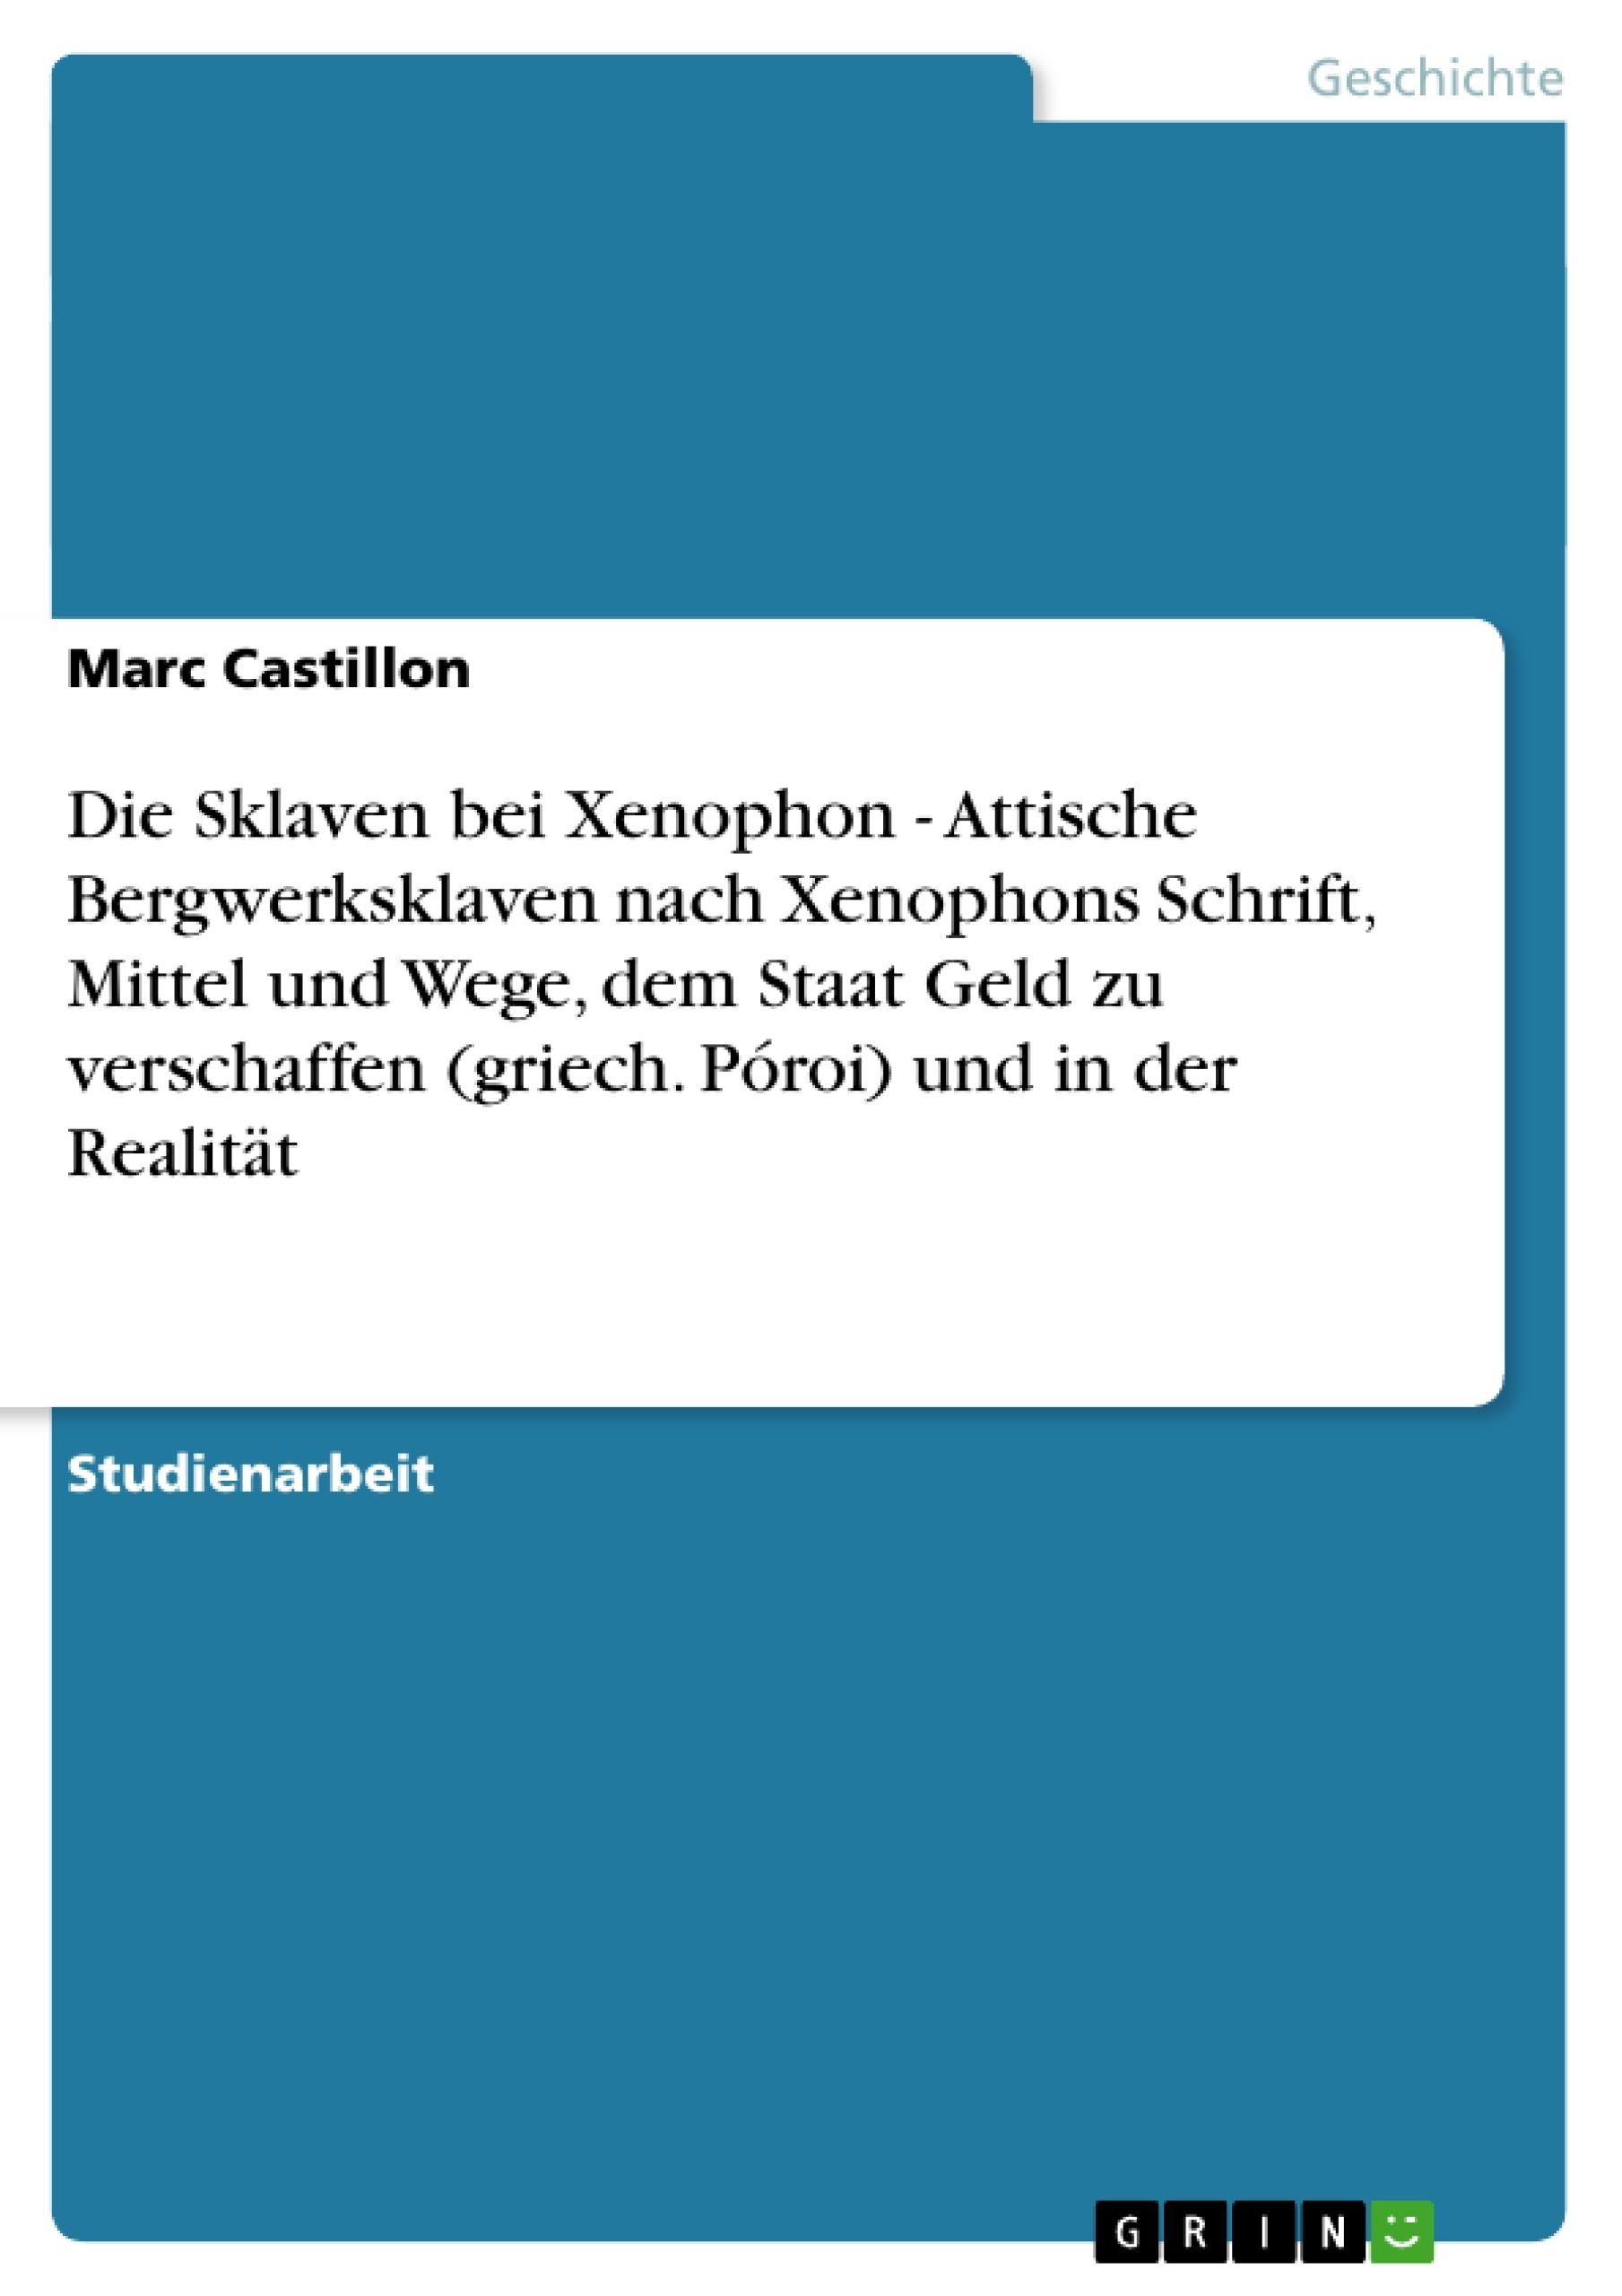 Titel: Die Sklaven bei Xenophon - Attische Bergwerksklaven nach Xenophons Schrift' Mittel und Wege, dem Staat Geld zu verschaffen (griech. Póroi) und in der Realität